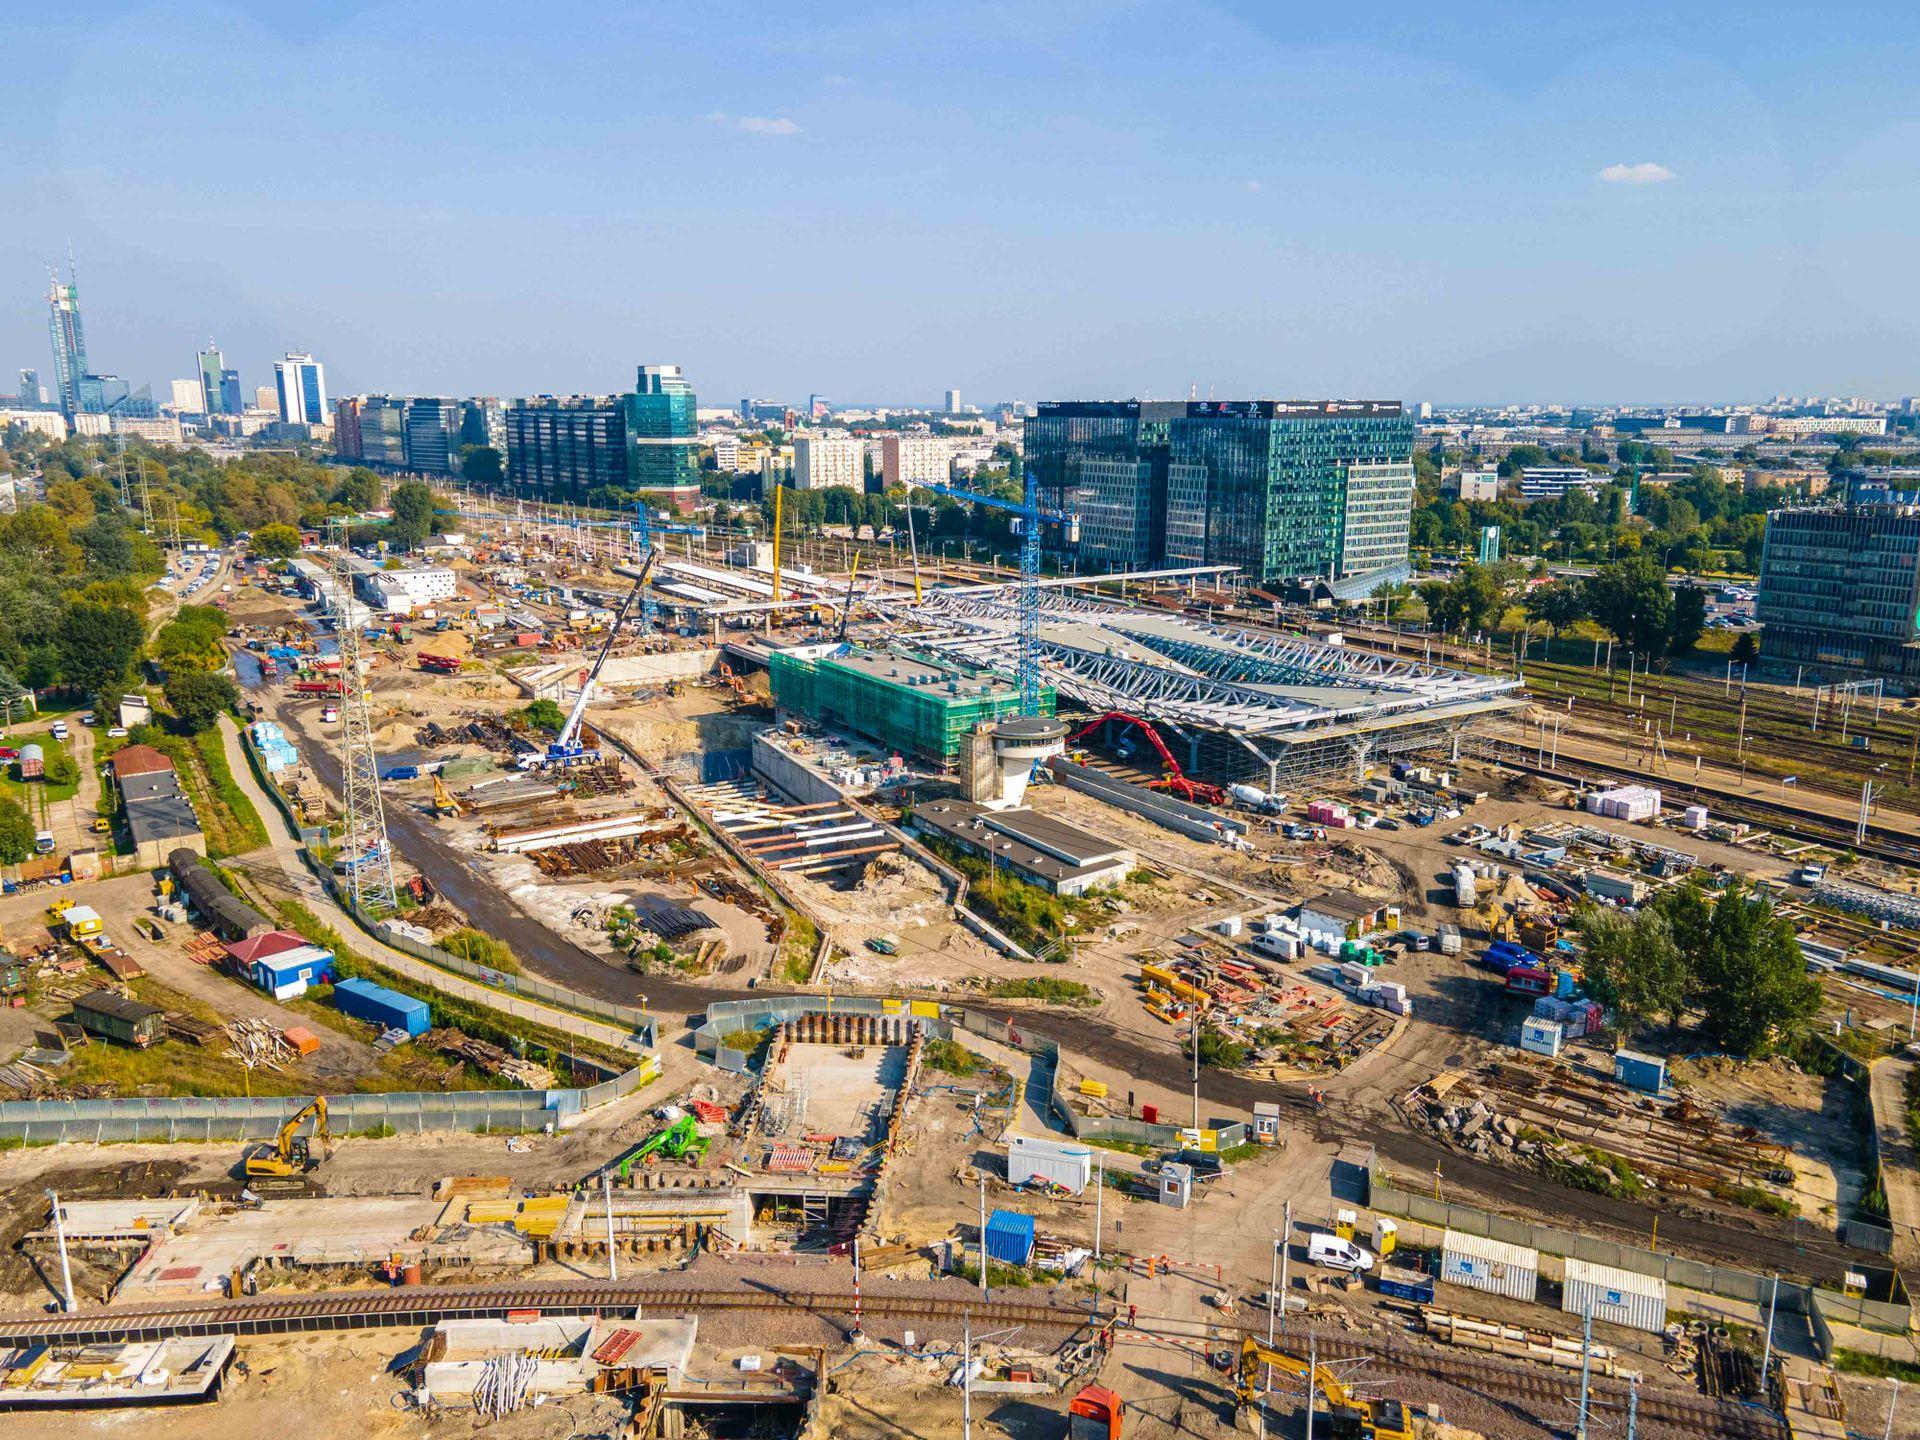 Trwają prace przy przebudowie dworca kolejowego Warszawa Zachodnia [FILM + ZDJĘCIA]